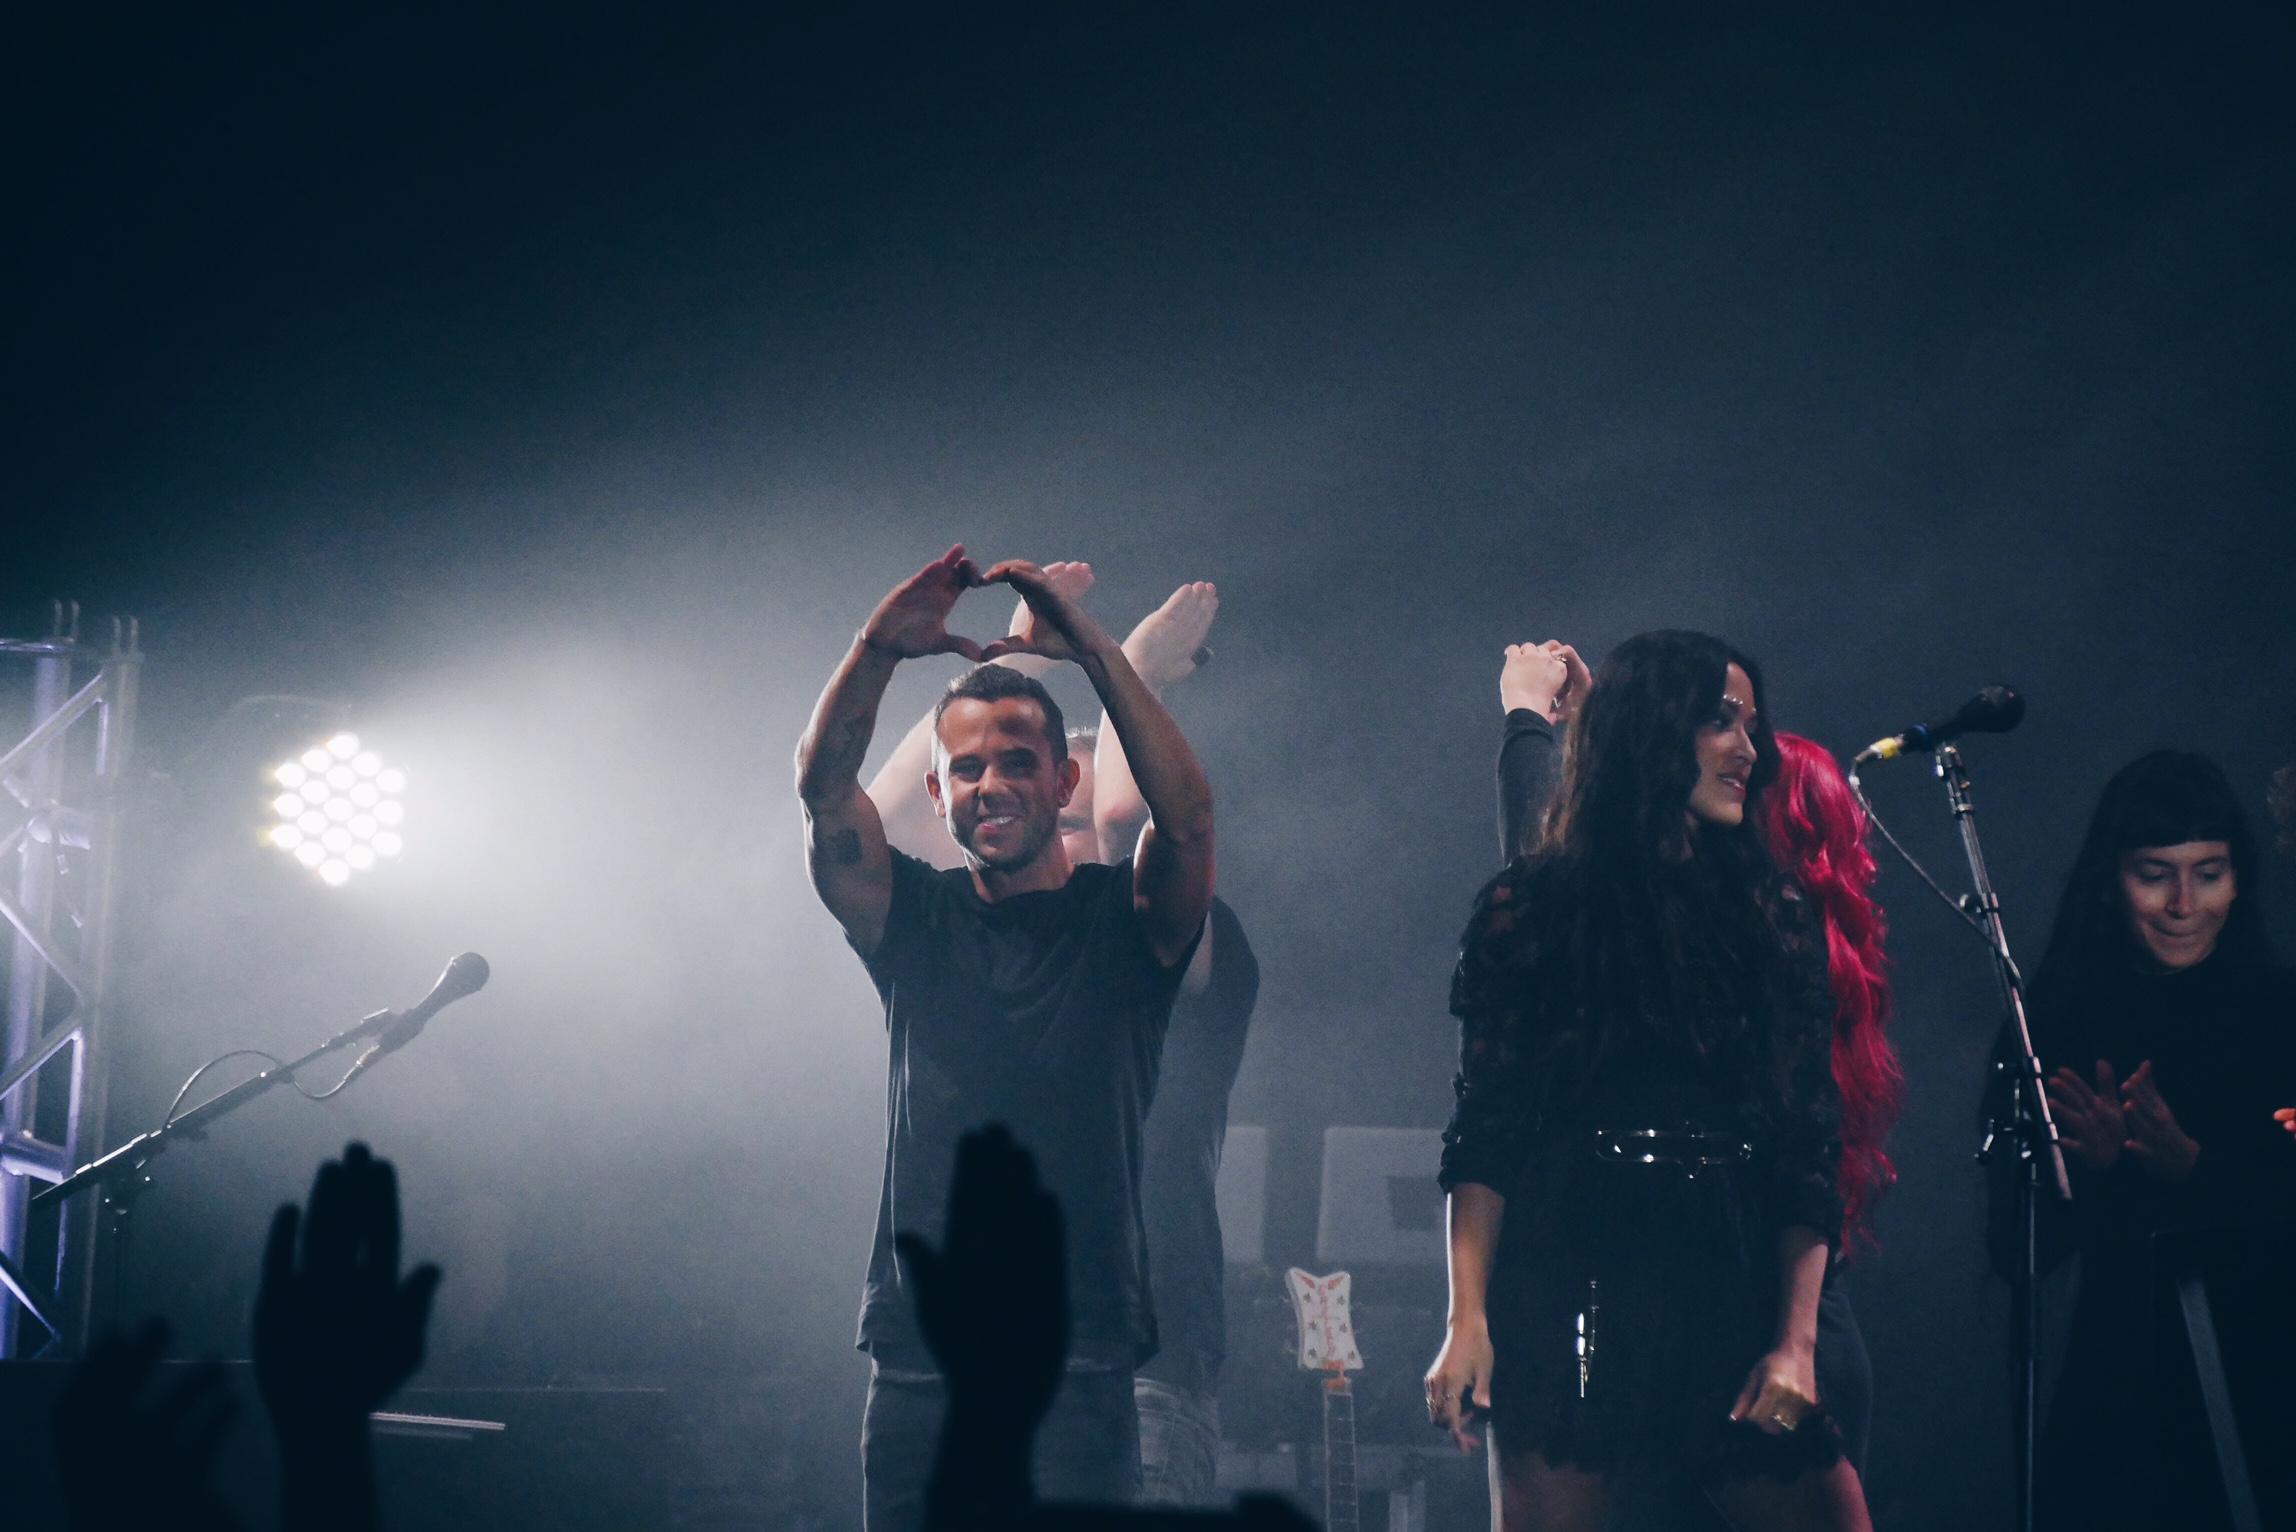 m83-anthony-gonzalez-finger-heart-junk-tour-live-concert-zenith-paris-photo-usofparis-blog